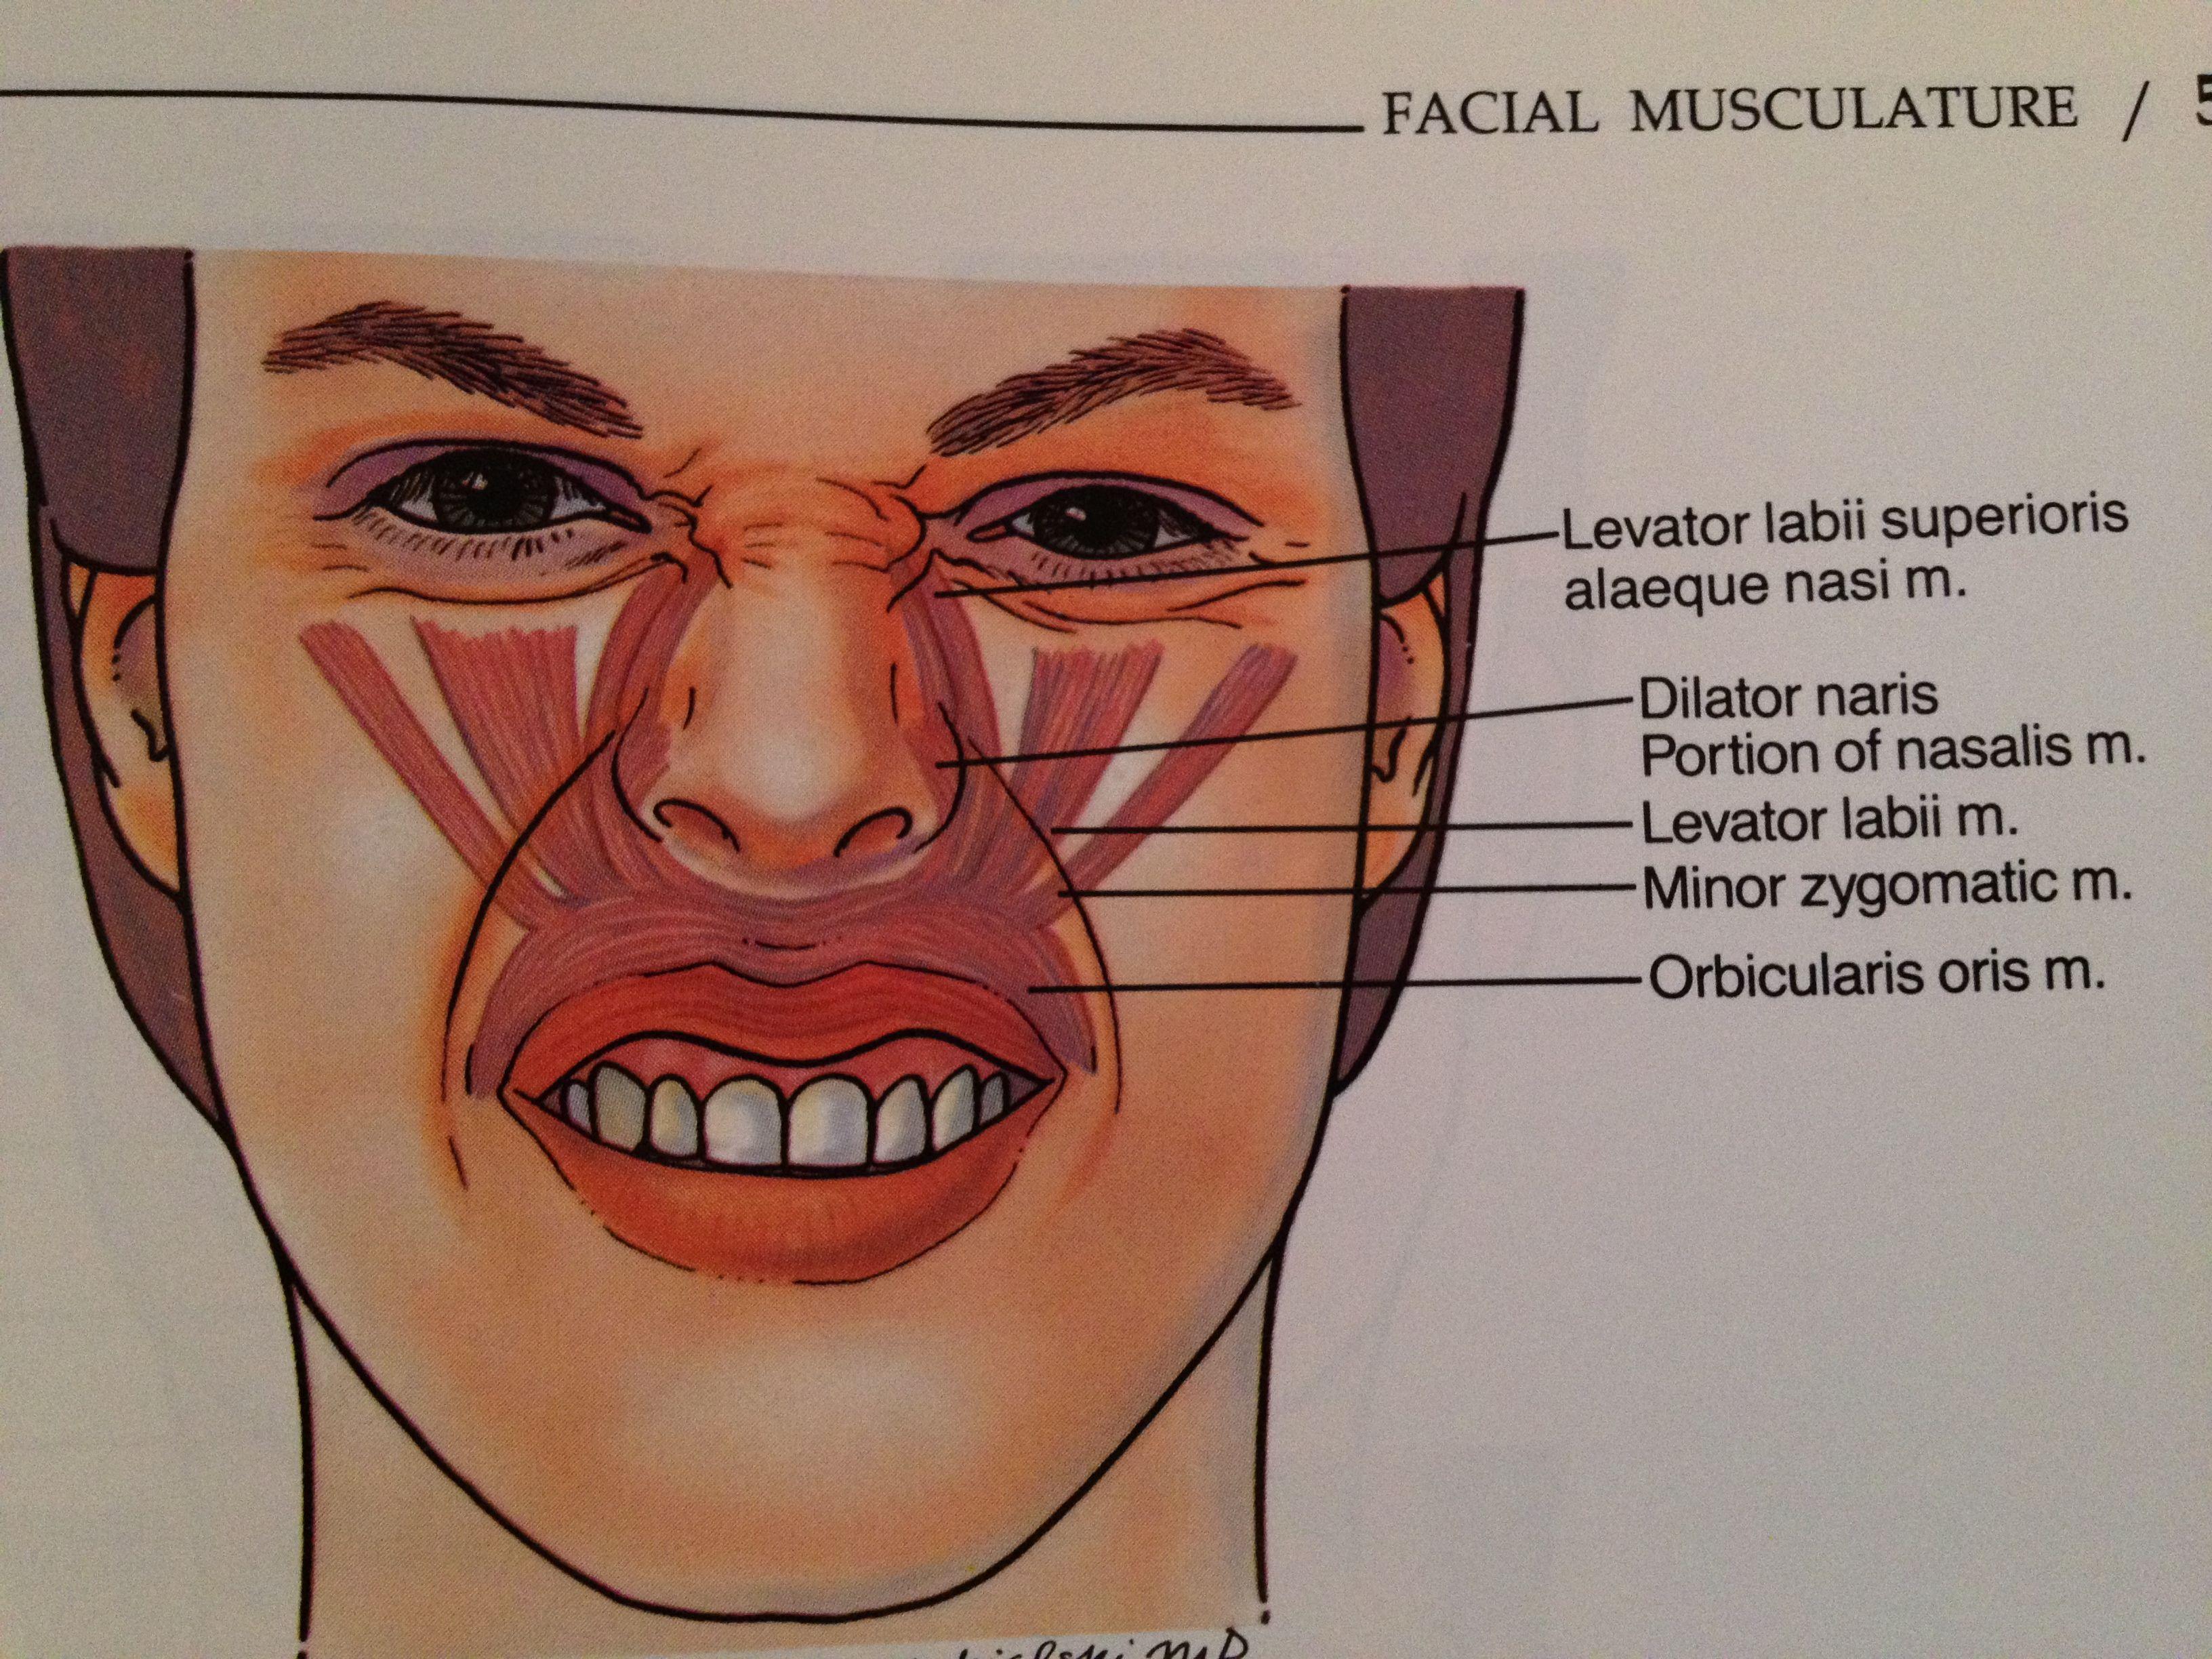 Upper lip and nasal musculature | Facial Anatomy | Pinterest | Upper ...